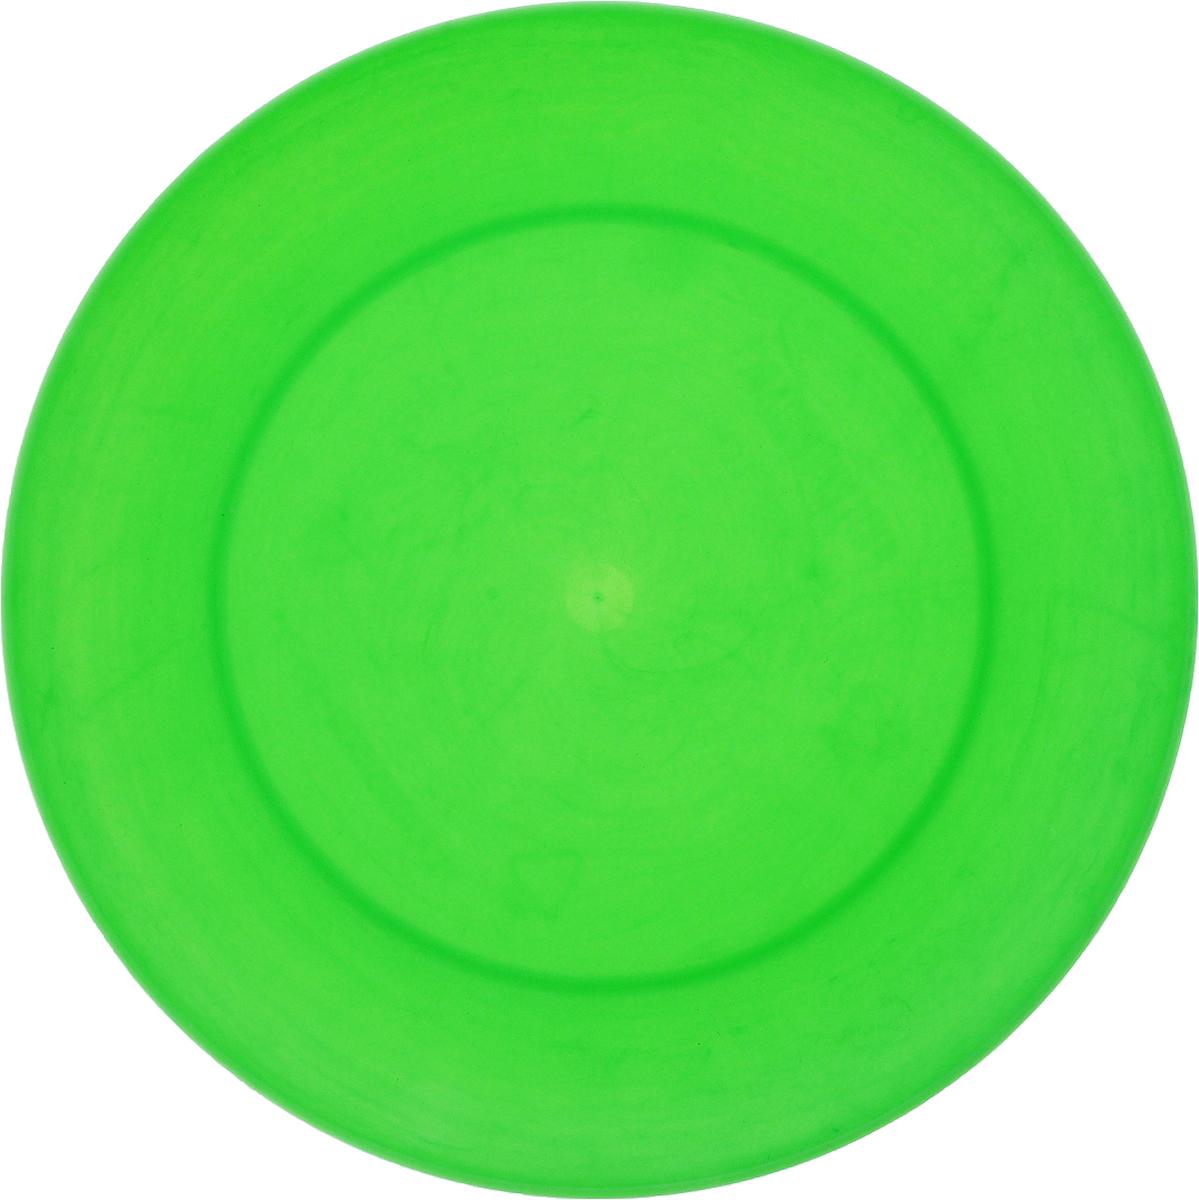 Тарелка Gotoff, цвет: зеленый, диаметр 20,3 смWTC-271_зеленыйТарелка Gotoff изготовлена из цветного пищевогополипропилена и предназначена для холодной и горячей пищи.Выдерживает температурный режим в пределах от -25°Сдо +110°C.Посуду из пластика можно использовать вмикроволновой печи, но необходимо, чтобы нагрев непревышал максимально допустимую температуру.Удобная, легкая и практичная посуда для пикника и дачипоможет сервировать стол без хлопот! Диаметр тарелки (по верхнему краю): 20,3 см.Высота тарелки: 2 см.